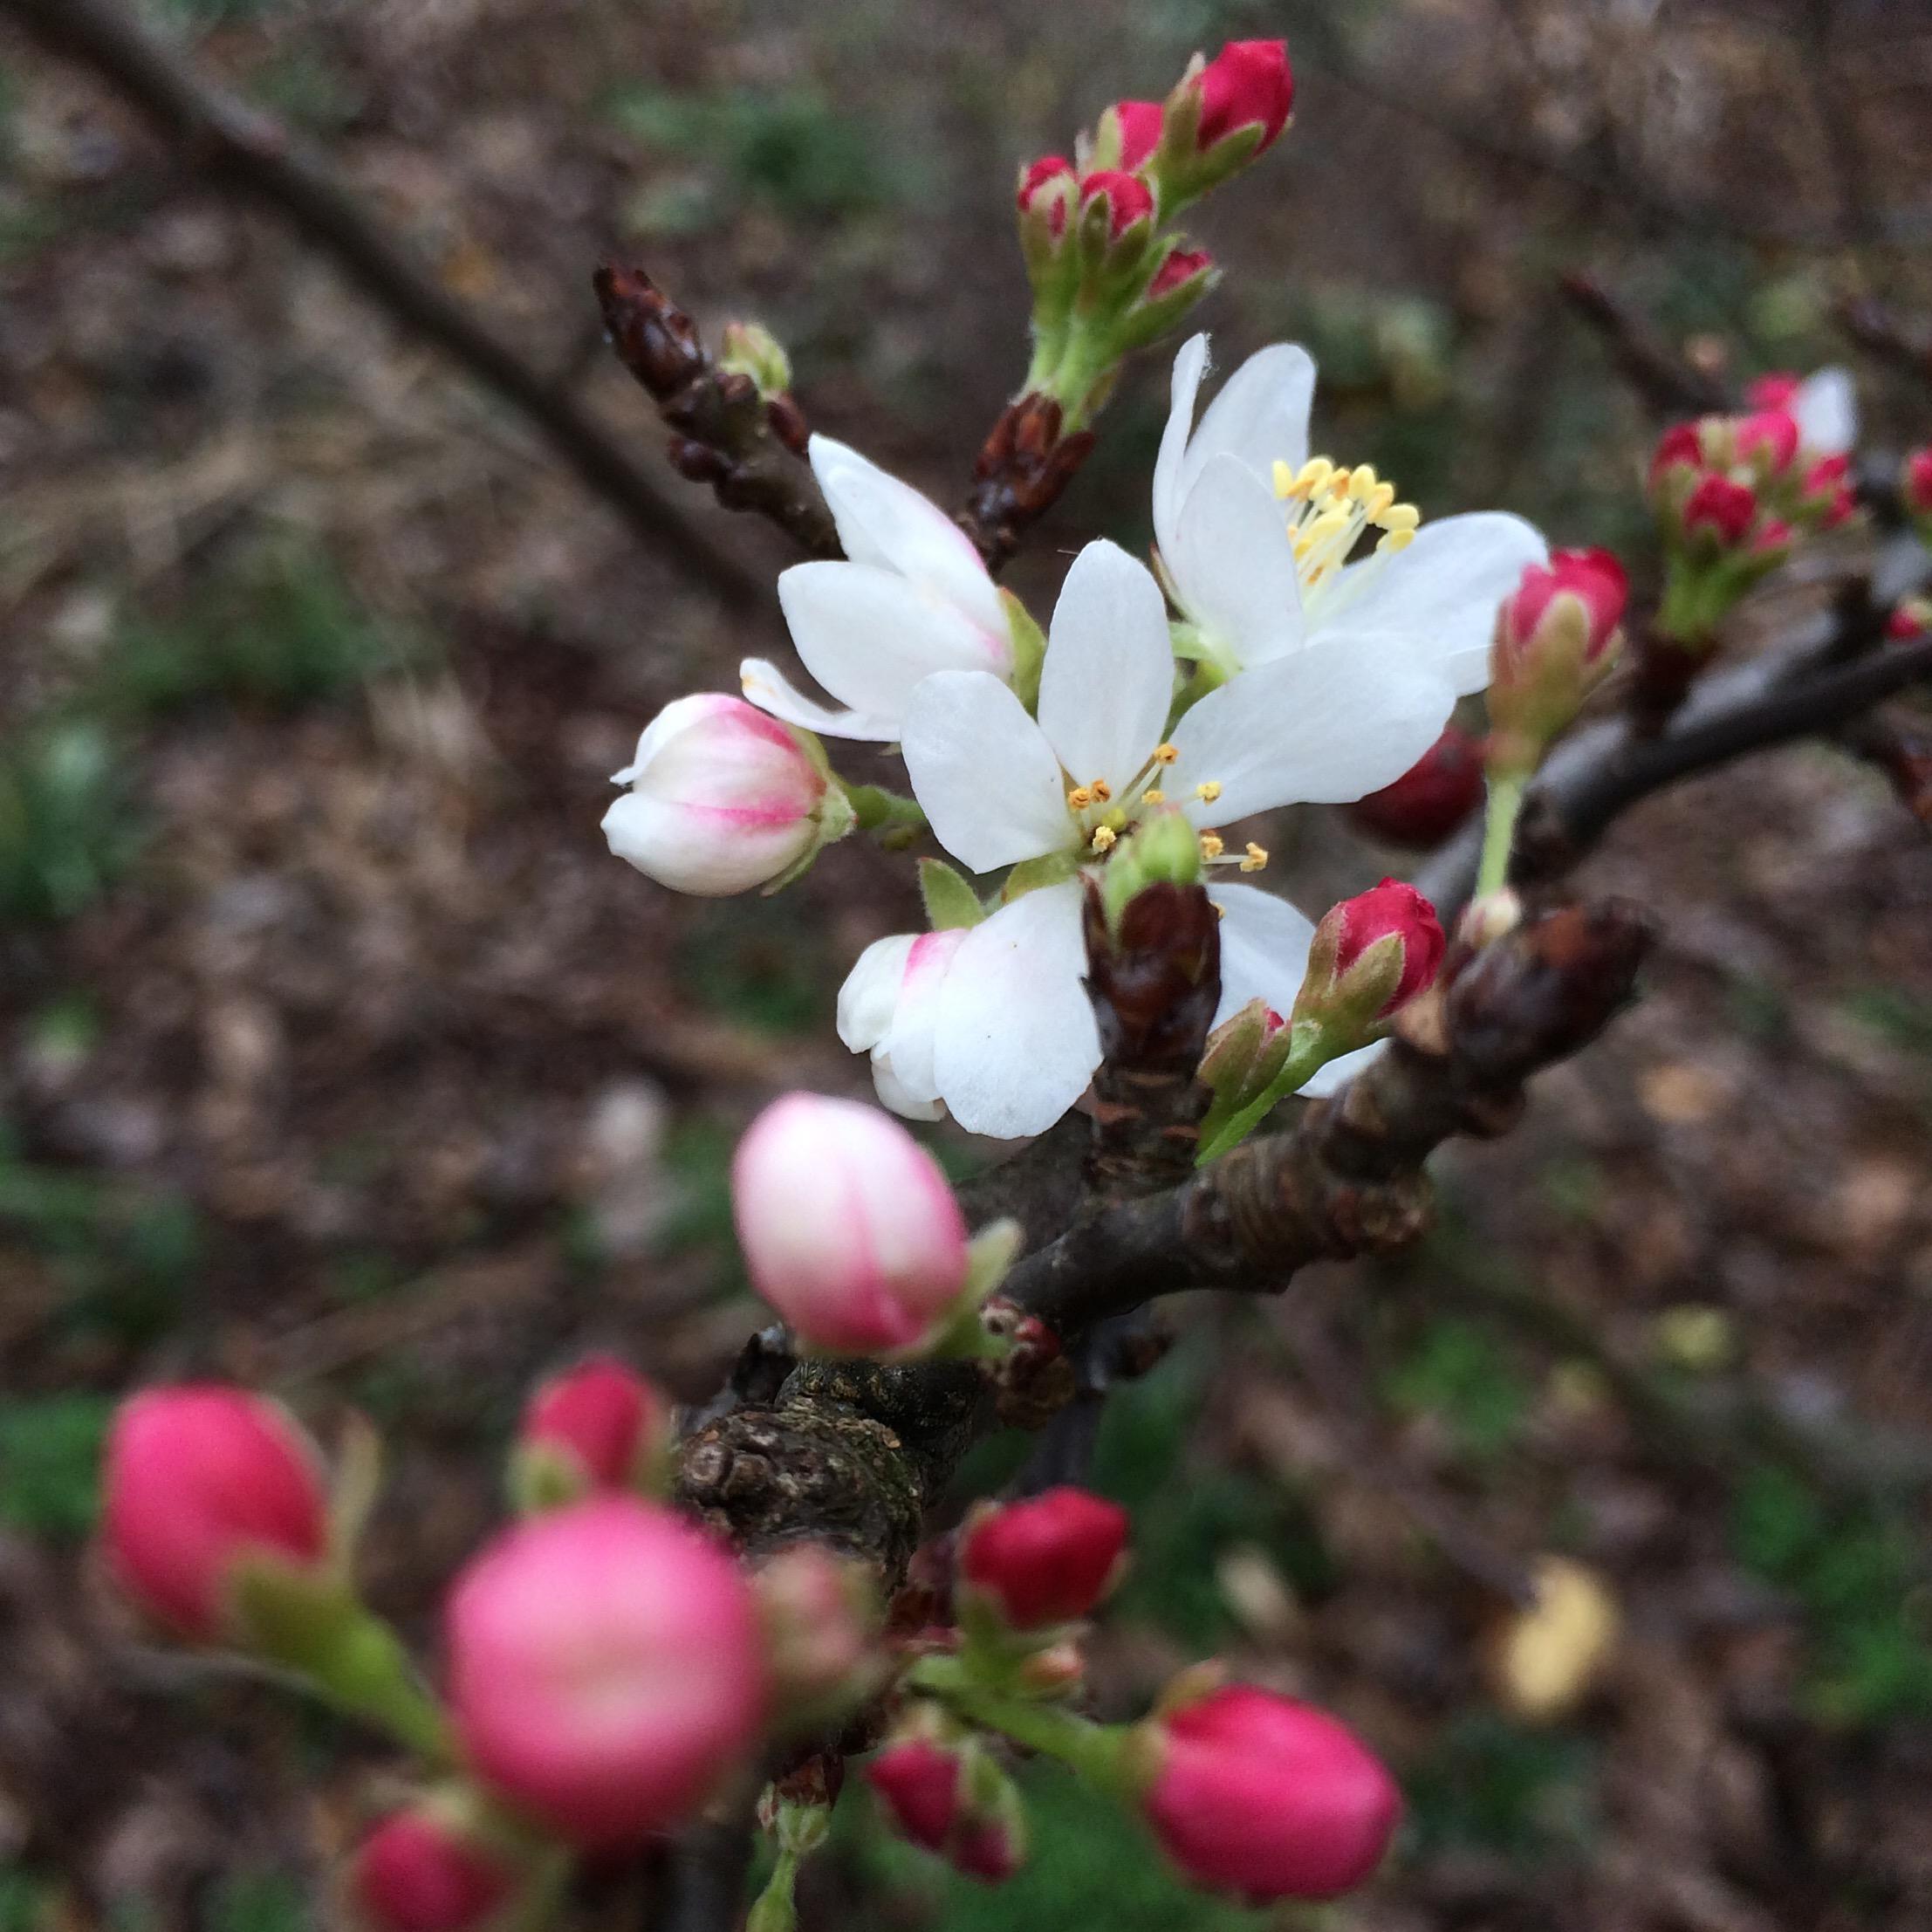 Los árboles florecientes de finales de verano son bienvenidos Additions to Landscape | Noticias de IANR